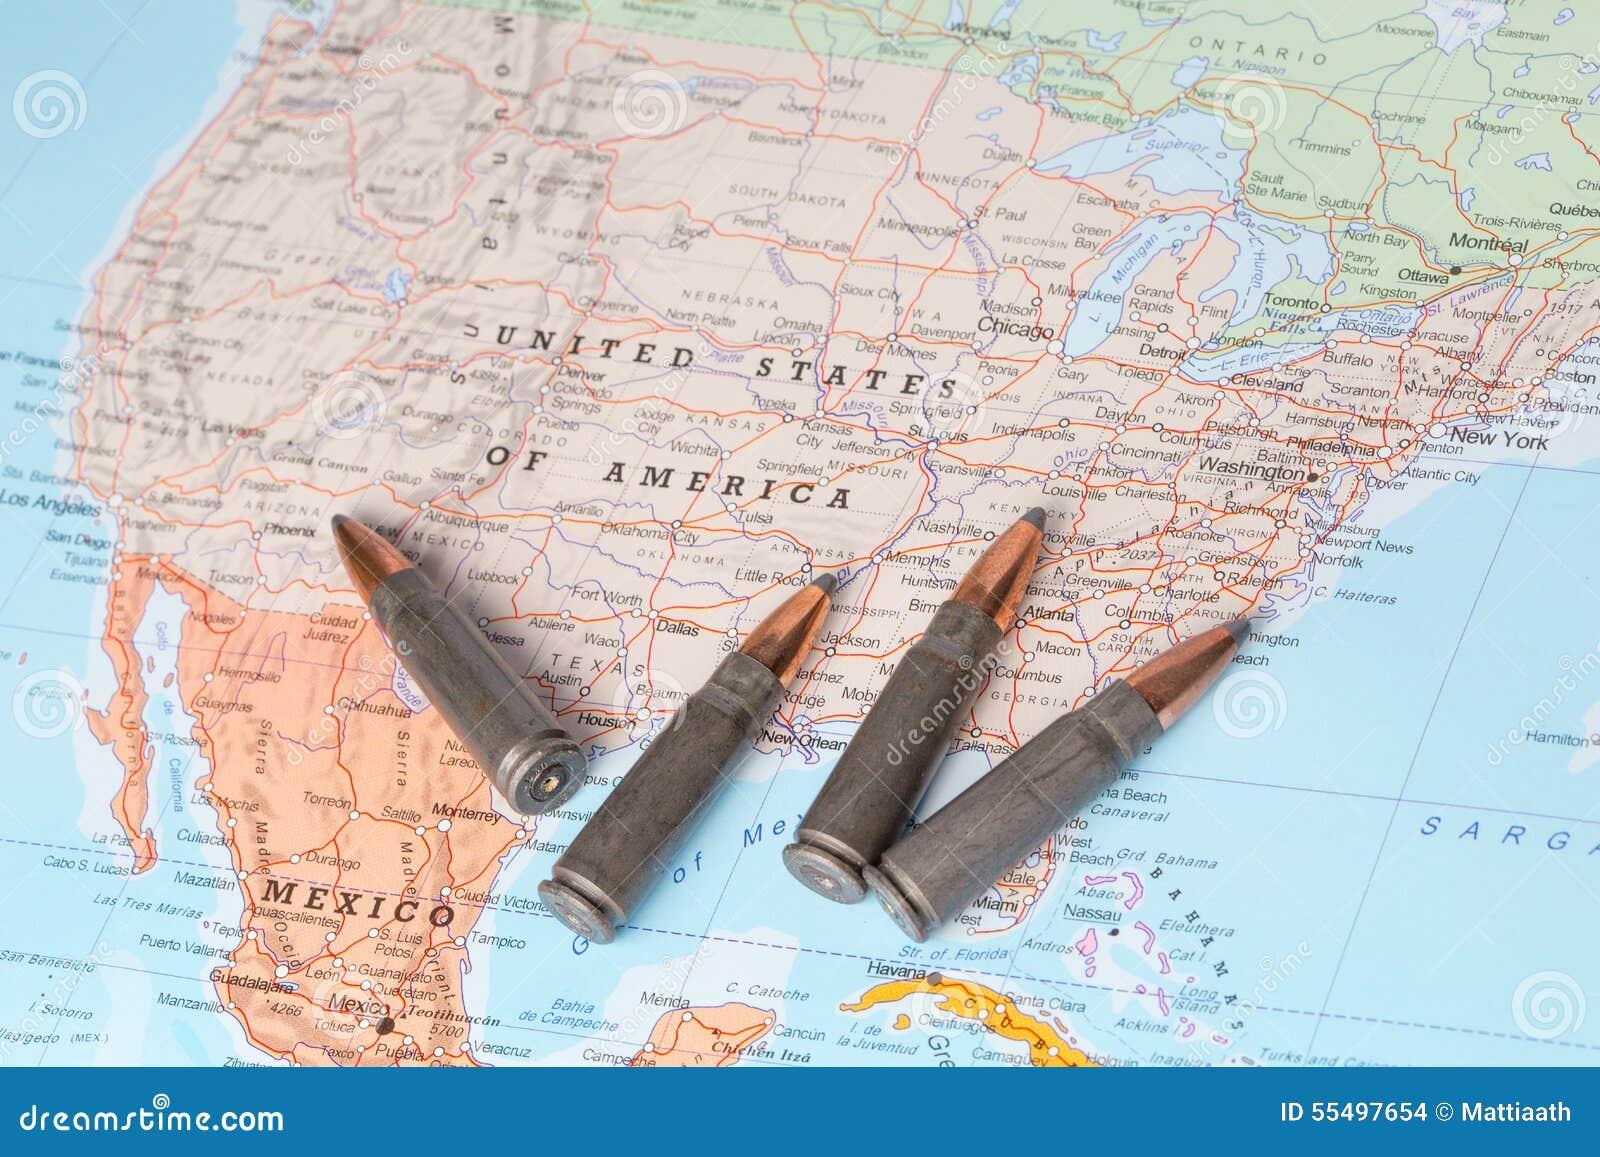 La Cartina Geografica Degli Stati Uniti.Pallottole Sulla Mappa Degli Stati Uniti D America Fotografia Stock Immagine Di Carta Fucile 55497654